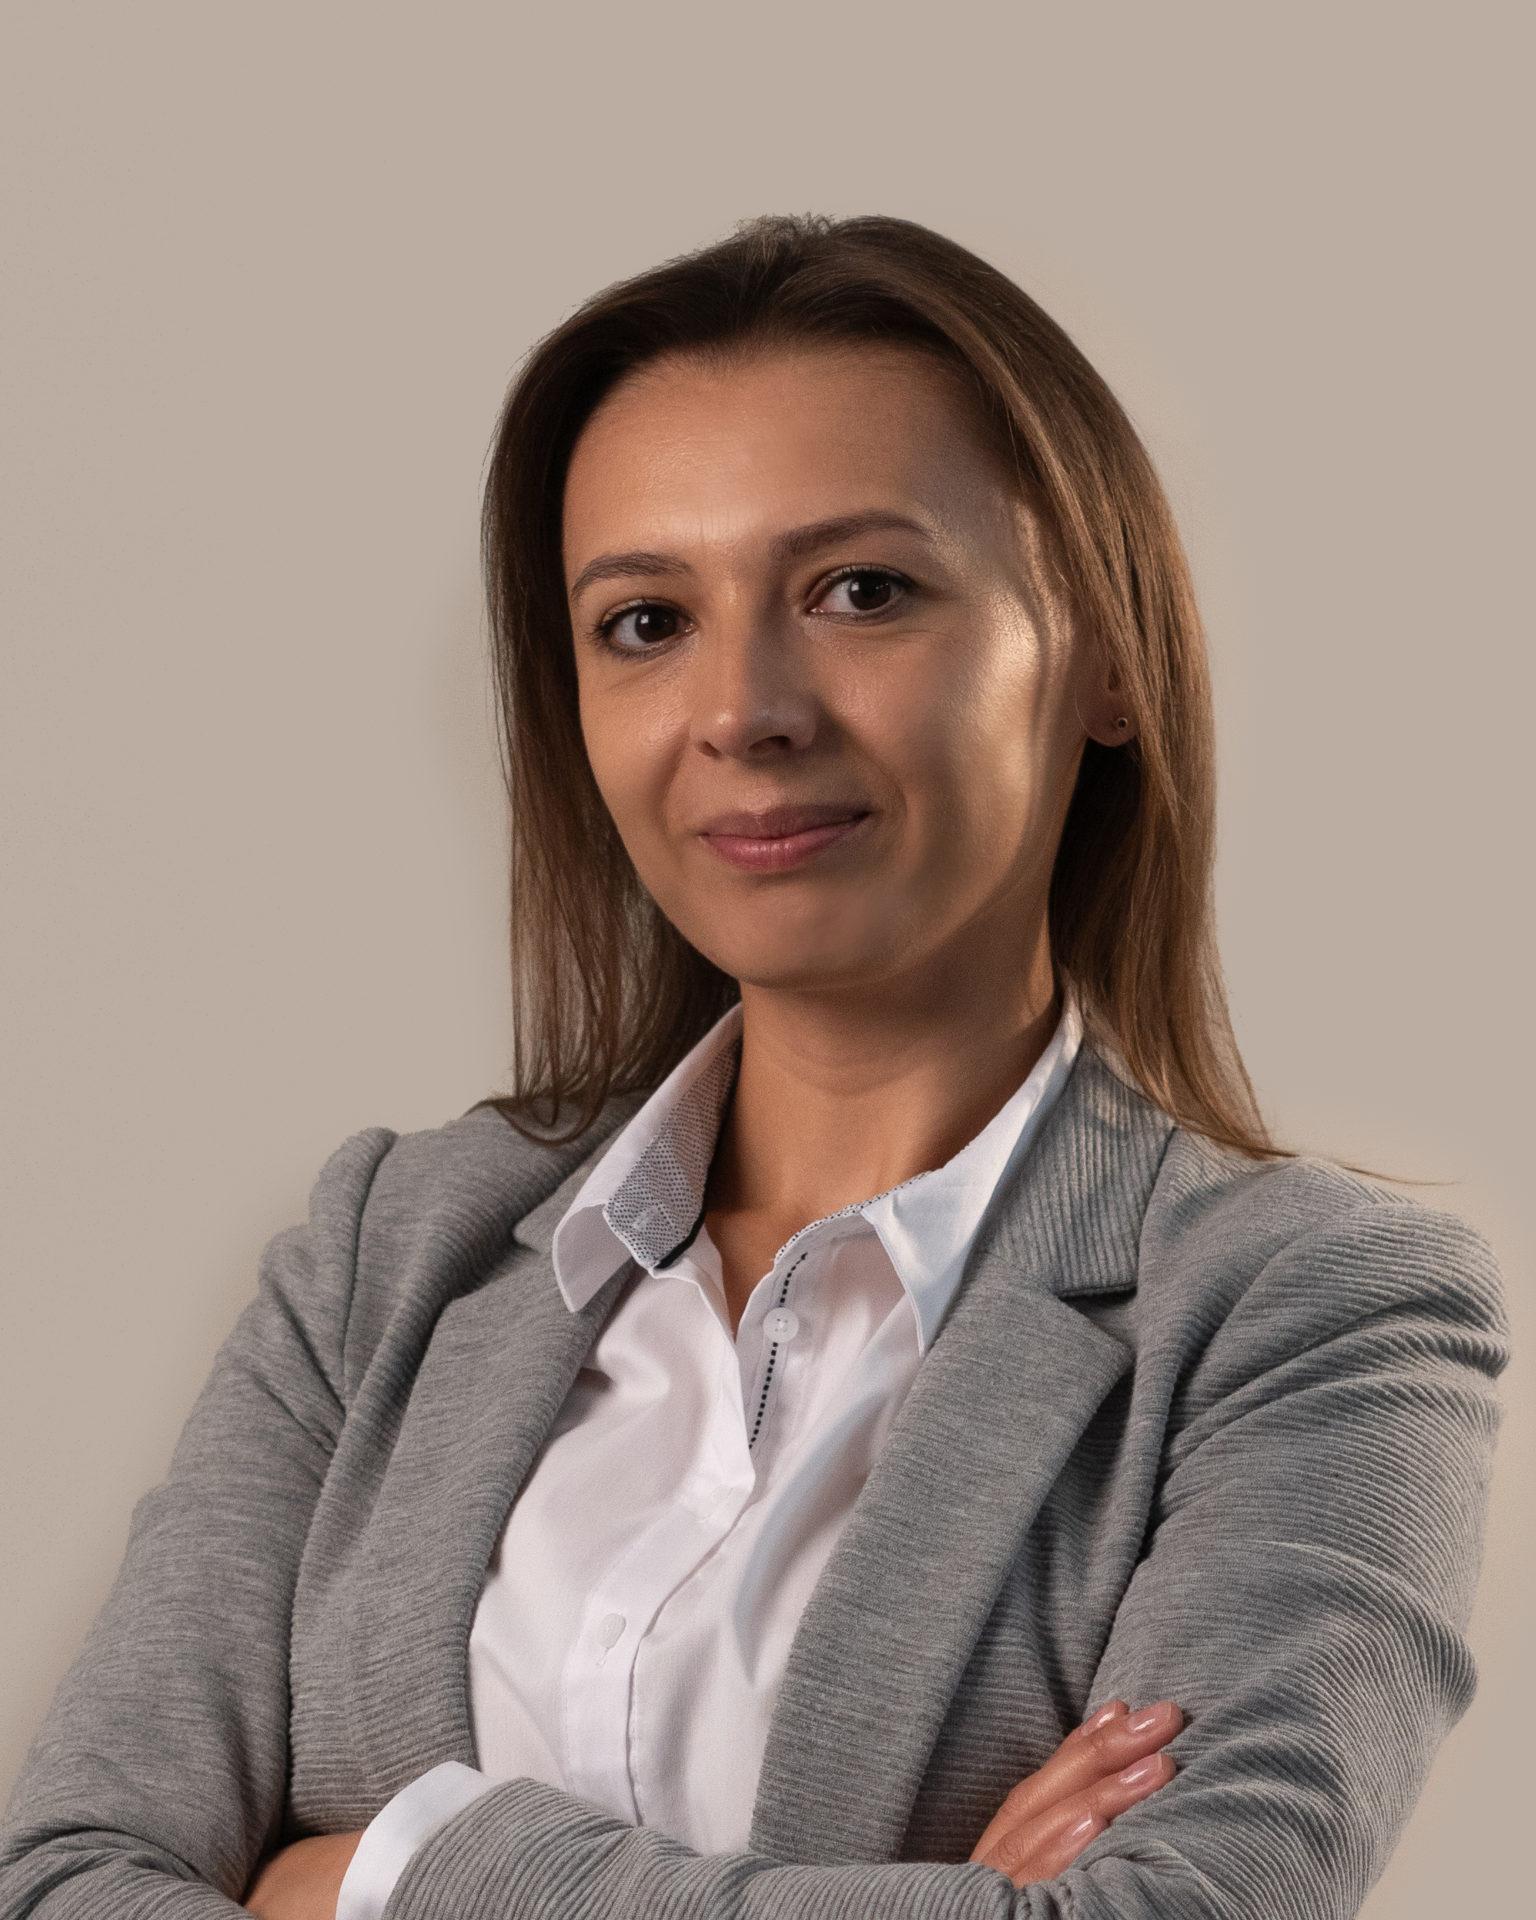 Renata Strzałkowska